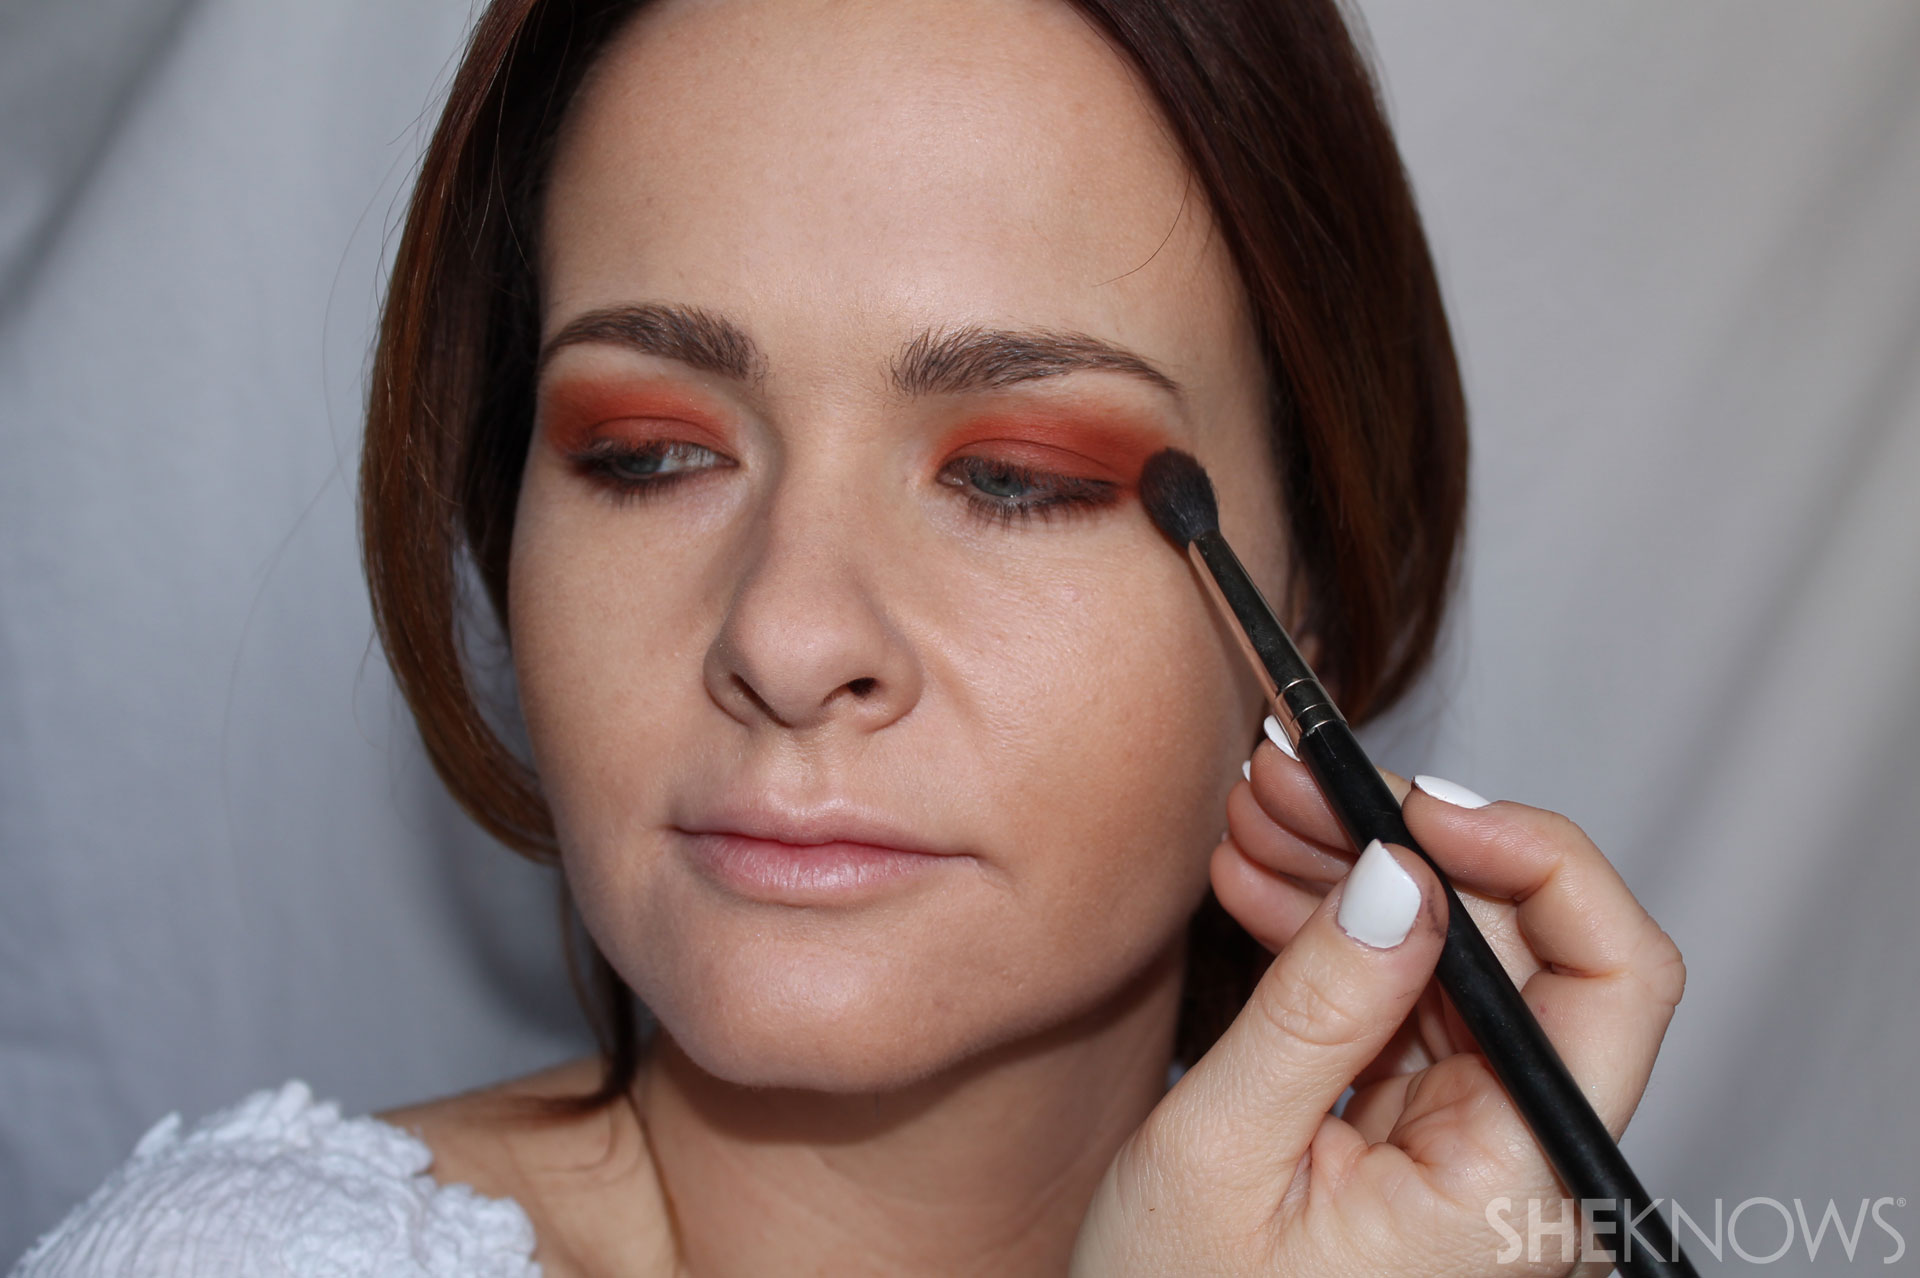 DYI bright eyeshadow: Apply under eye